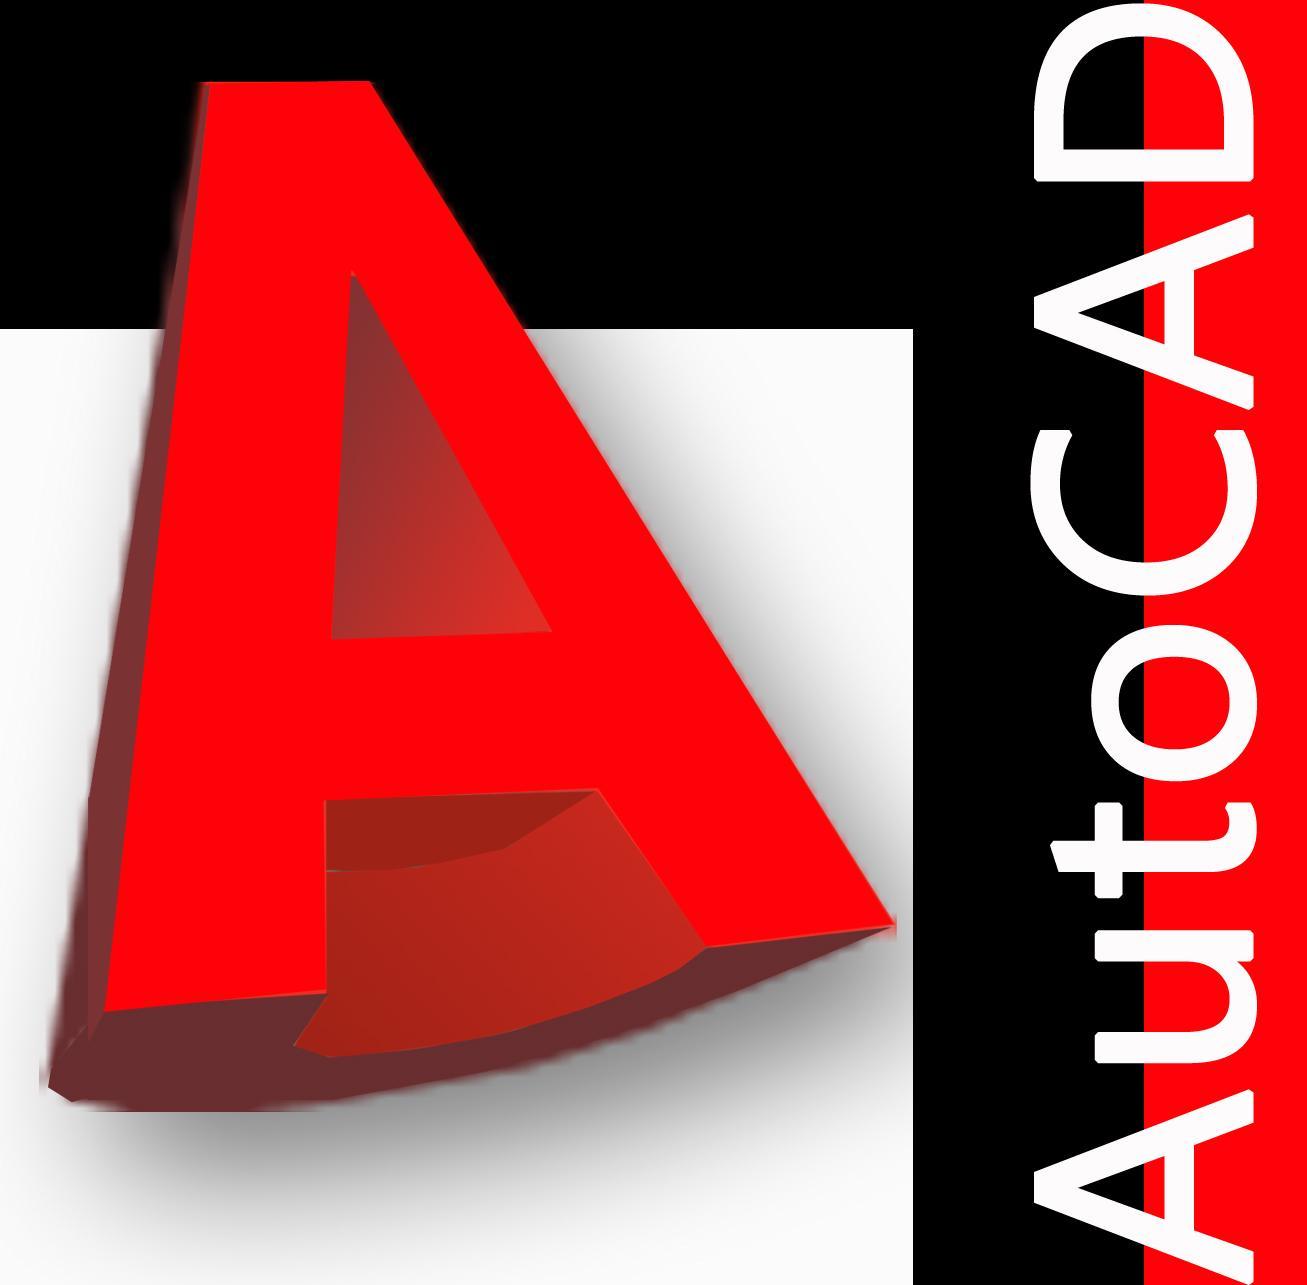 Autocad Logo Wallpaper